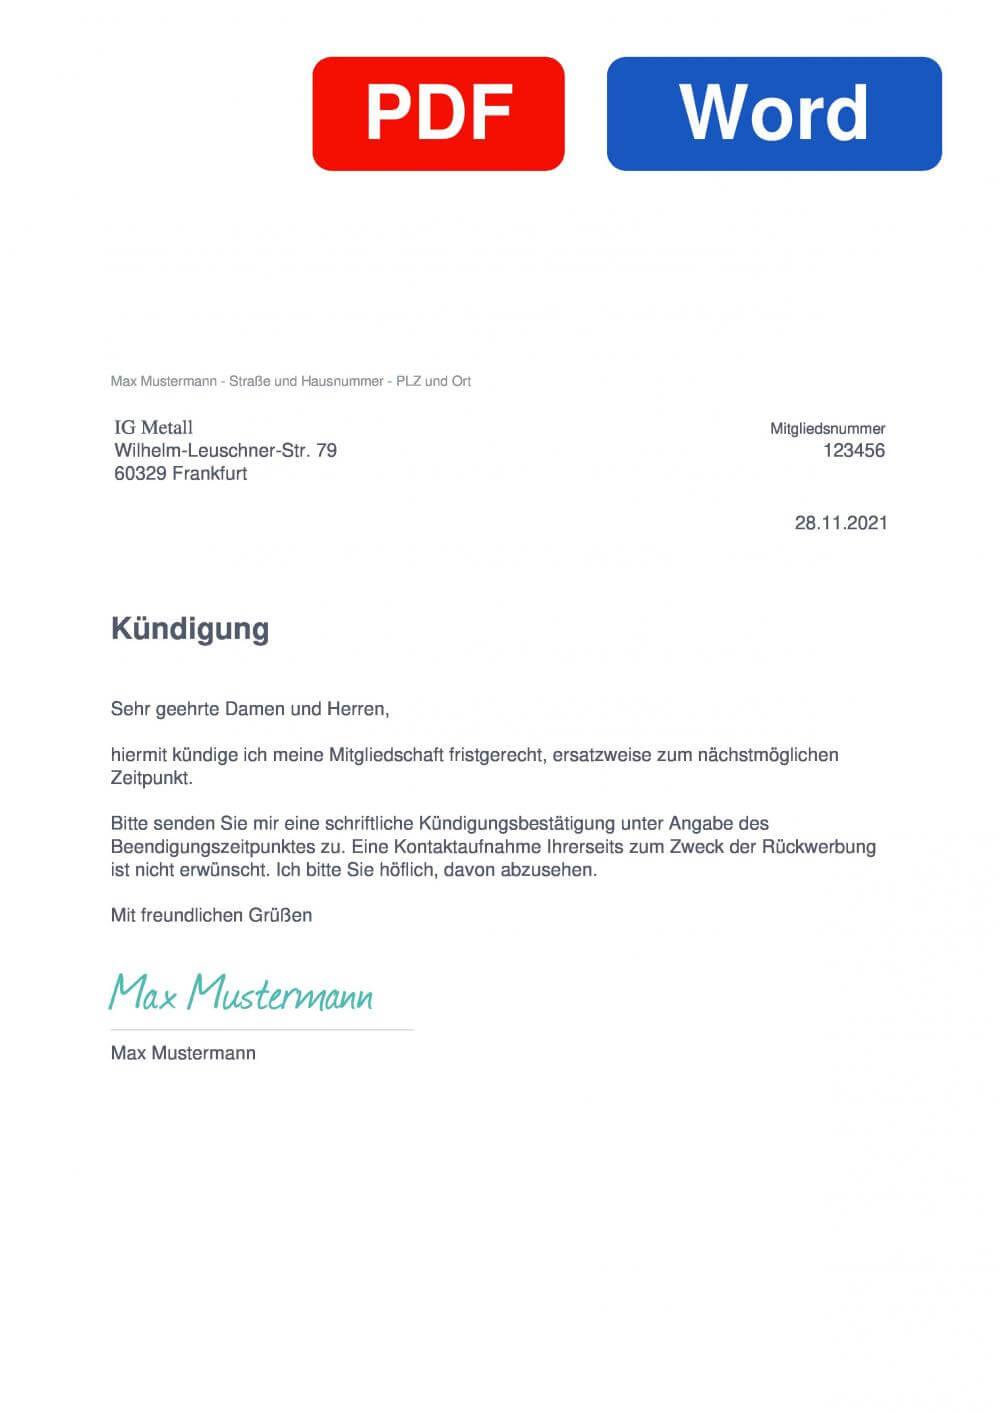 IG Metall Muster Vorlage für Kündigungsschreiben